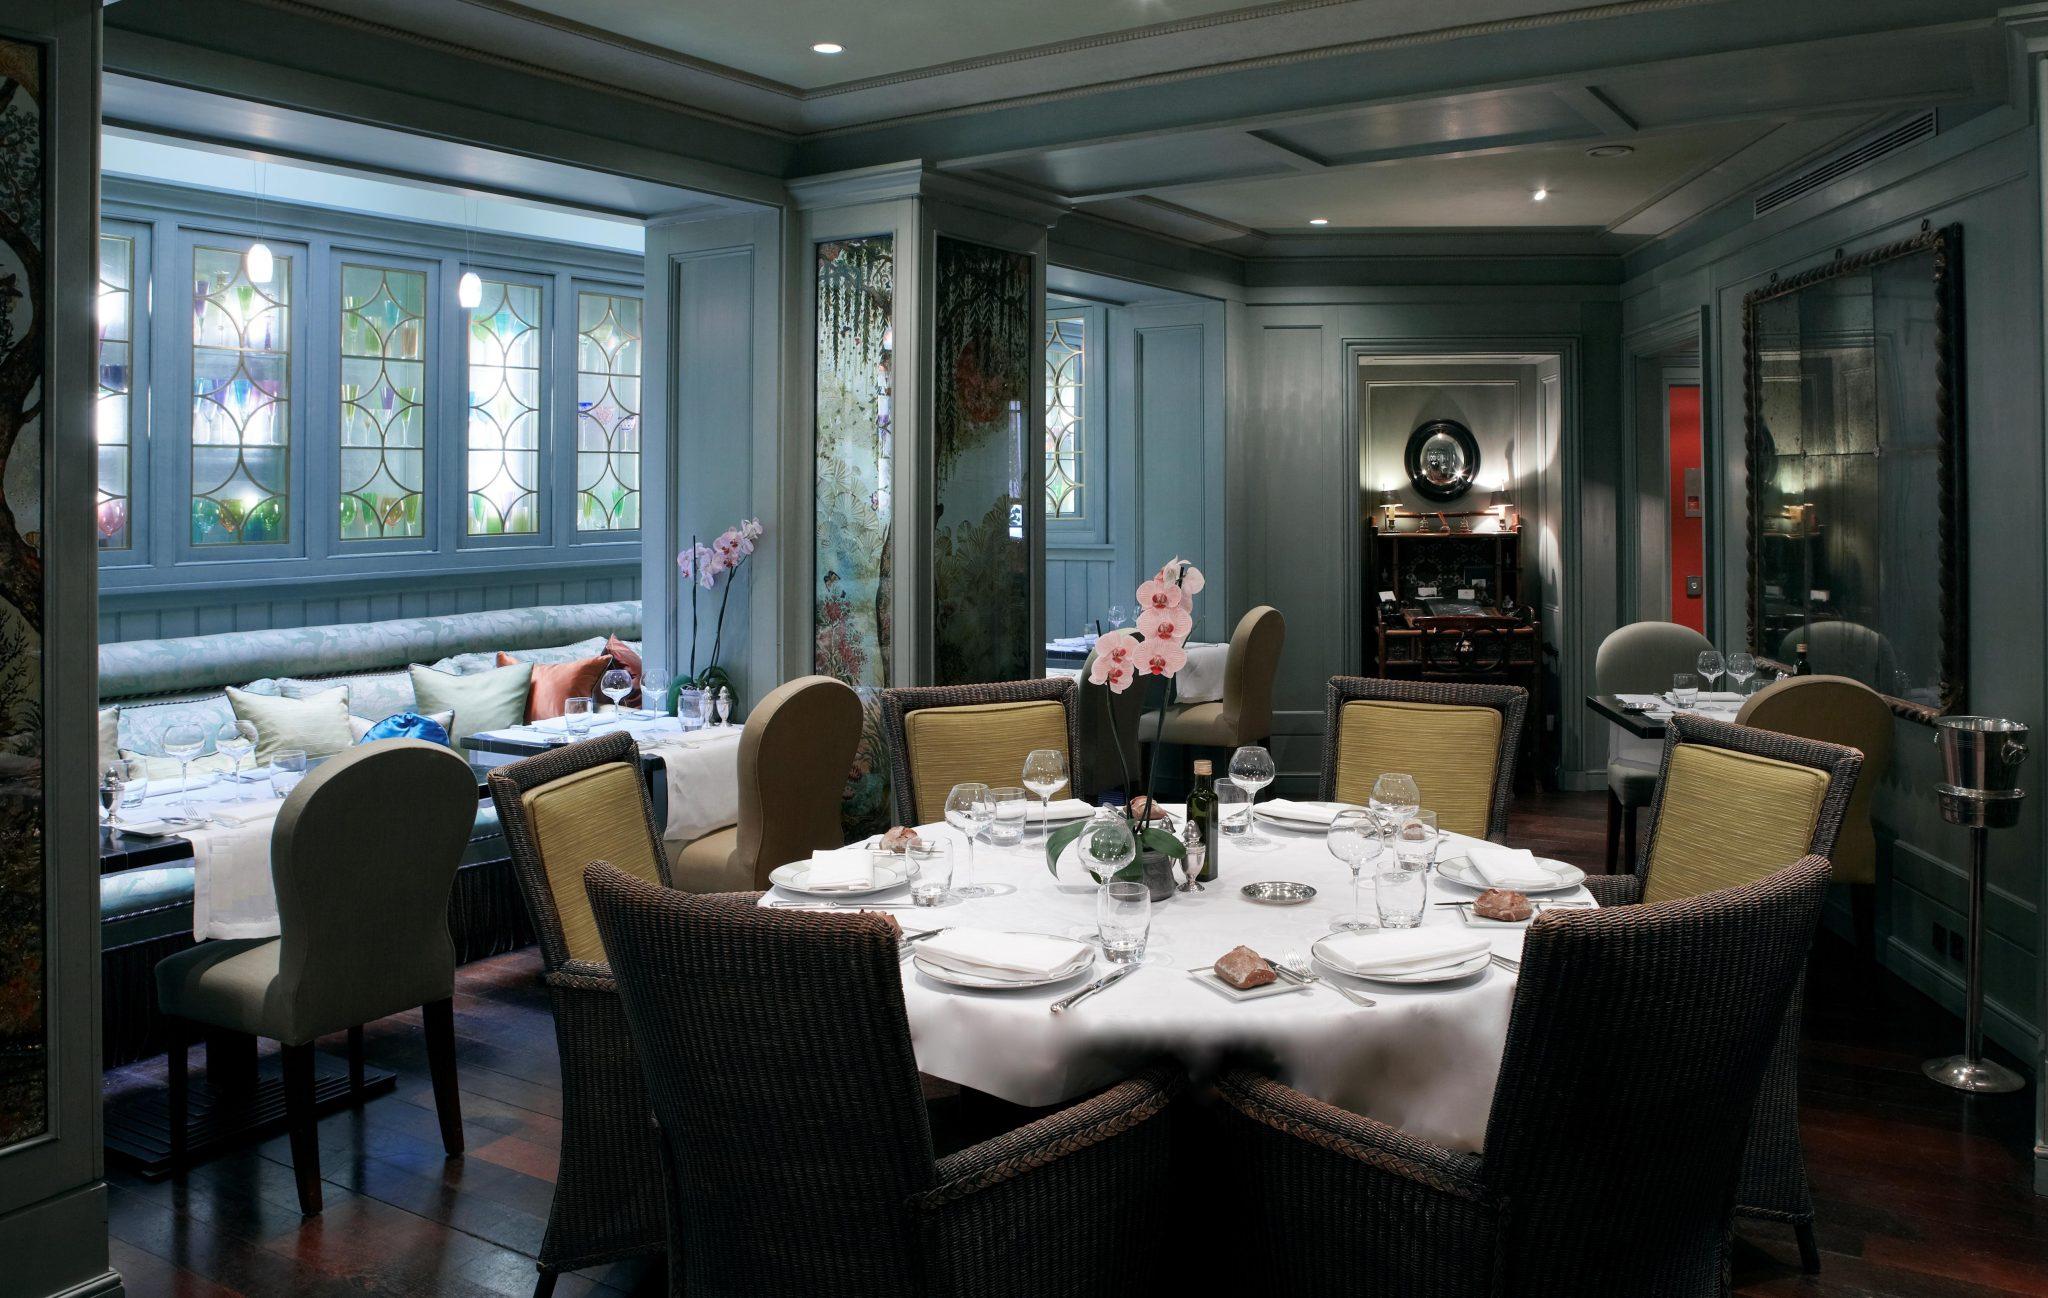 La f te de la gastronomie 2013 mademoiselle bon plan for Reservation hotel par mail